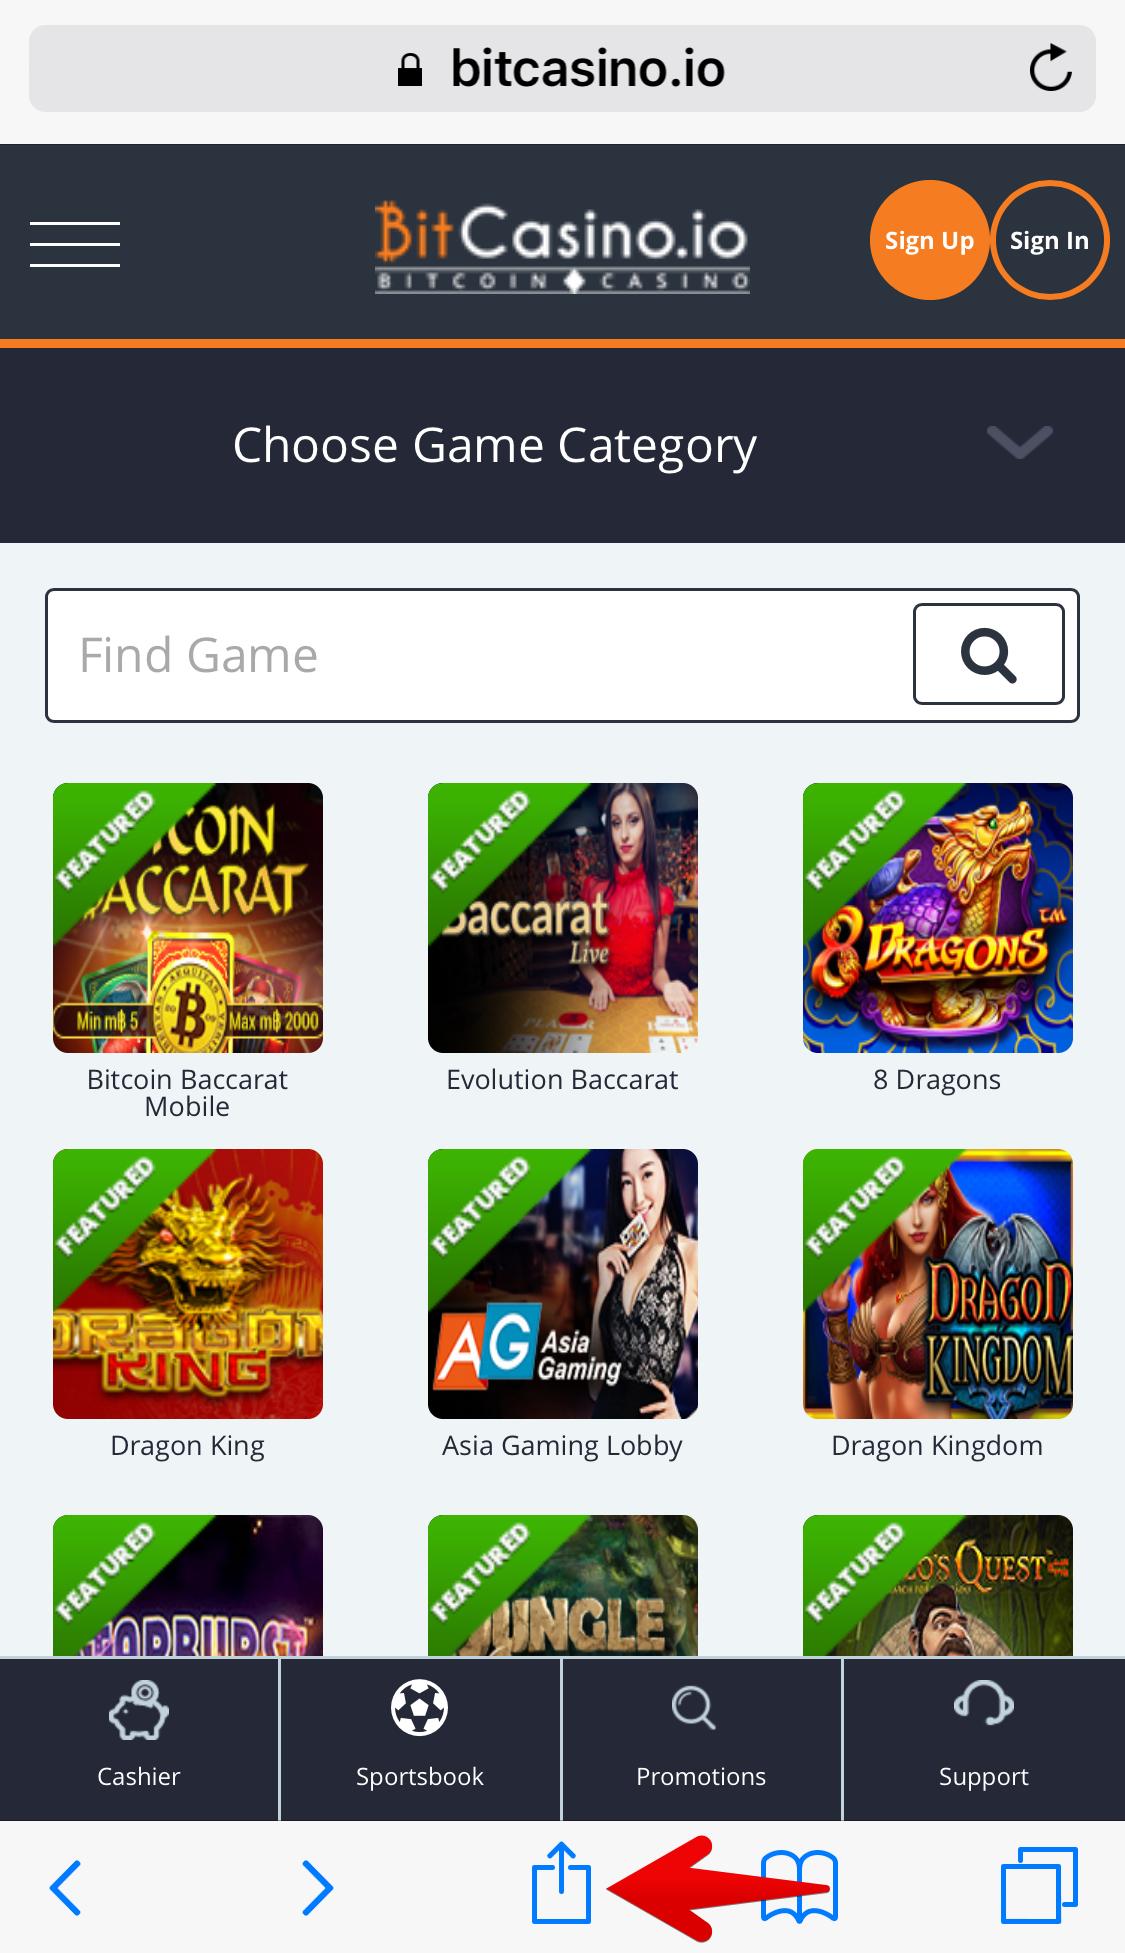 ビットカジノアイオースマートフォン版サイト画面